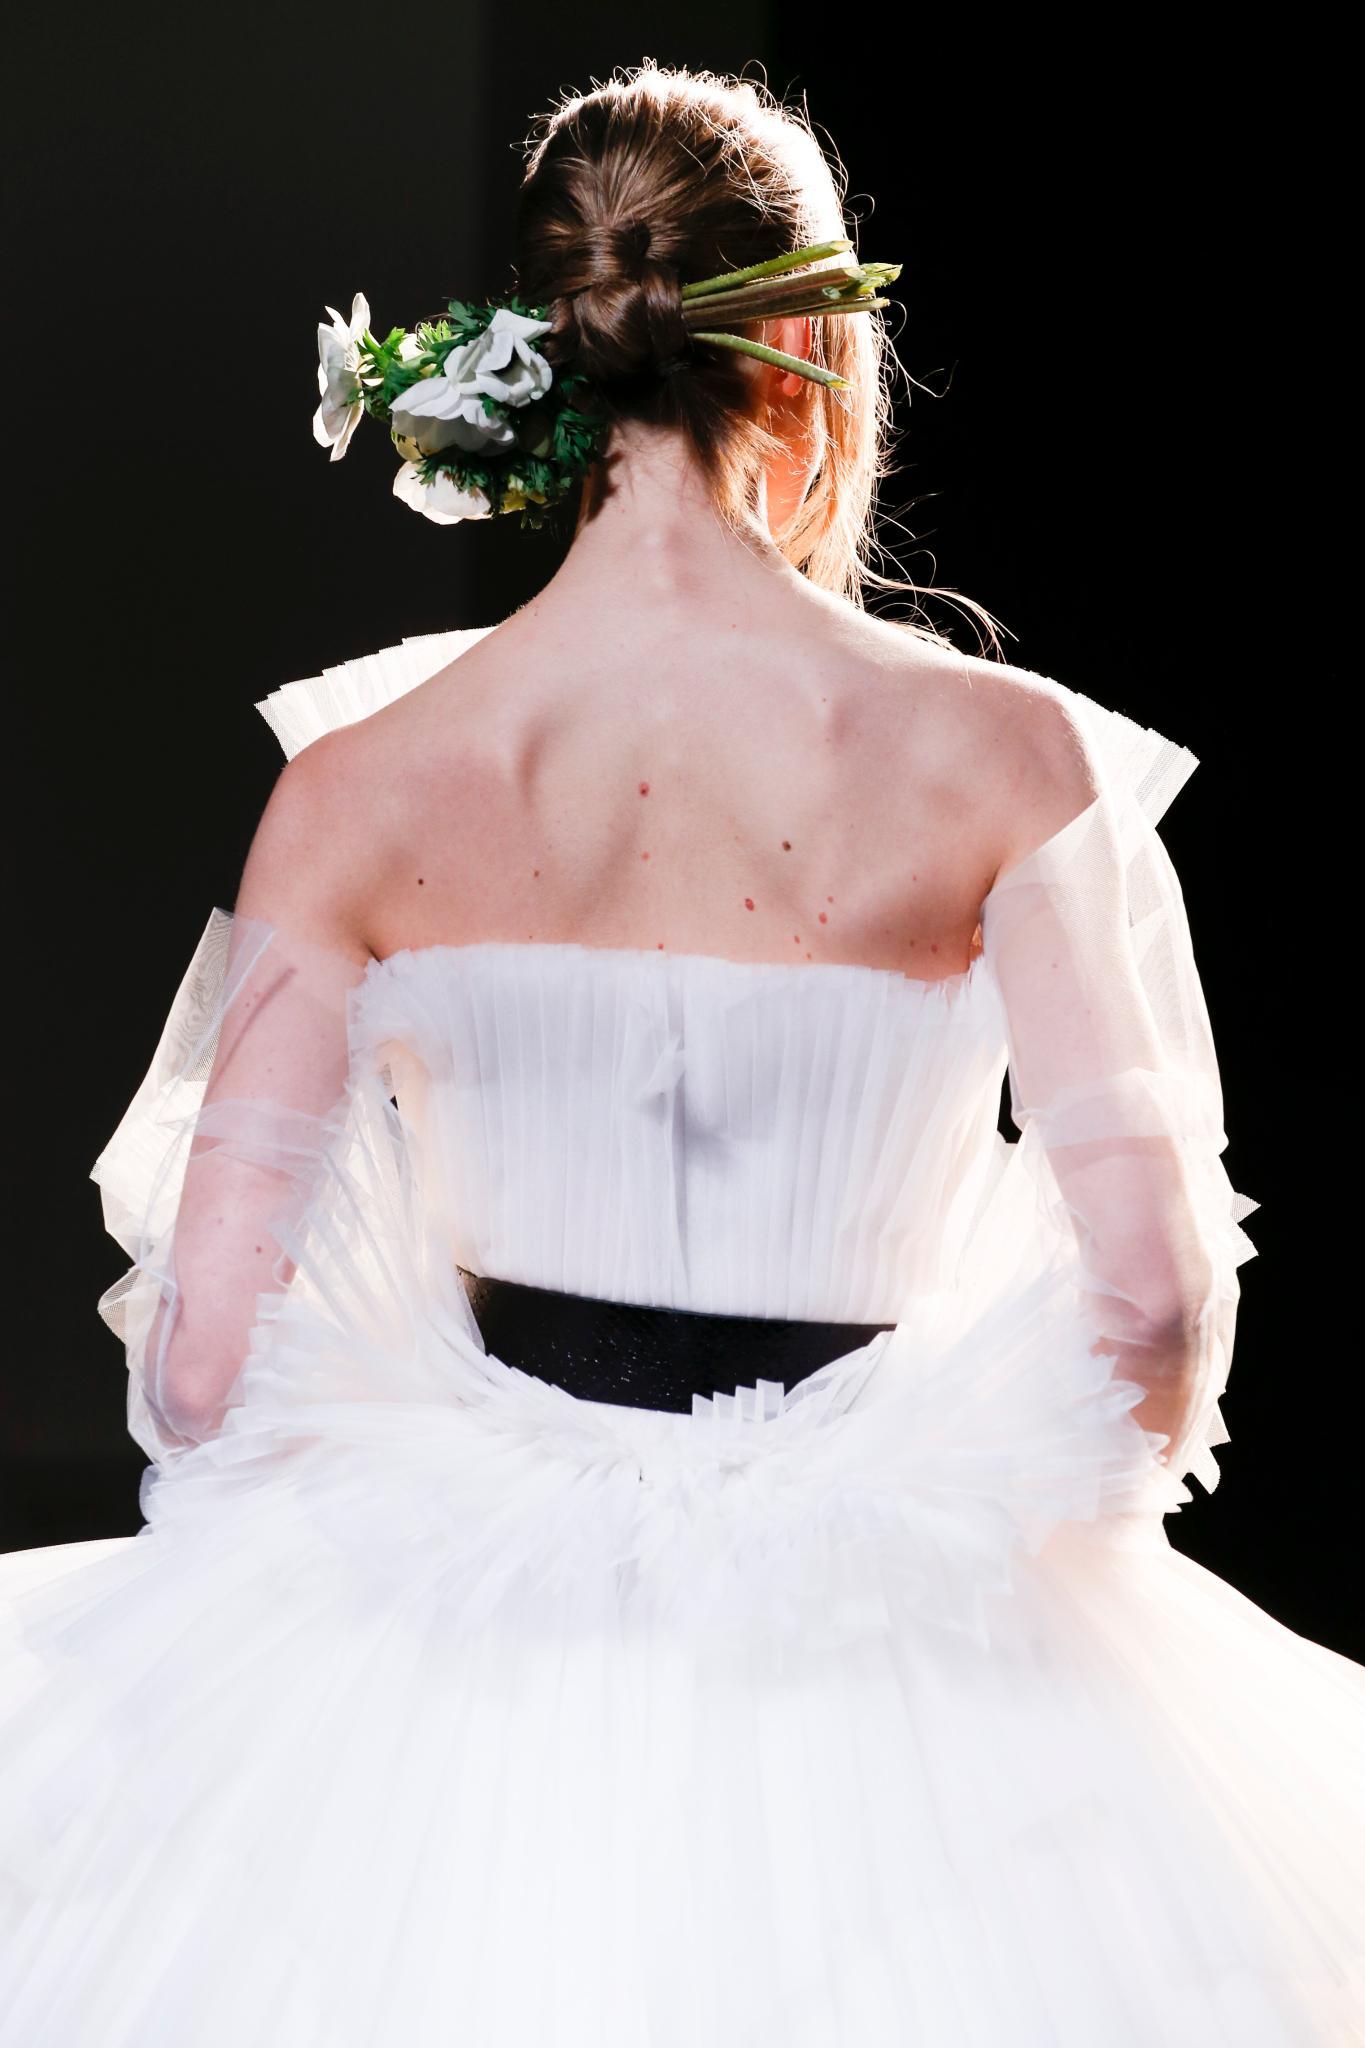 Mujer de espaldas, con pelo atado y un tocado floral